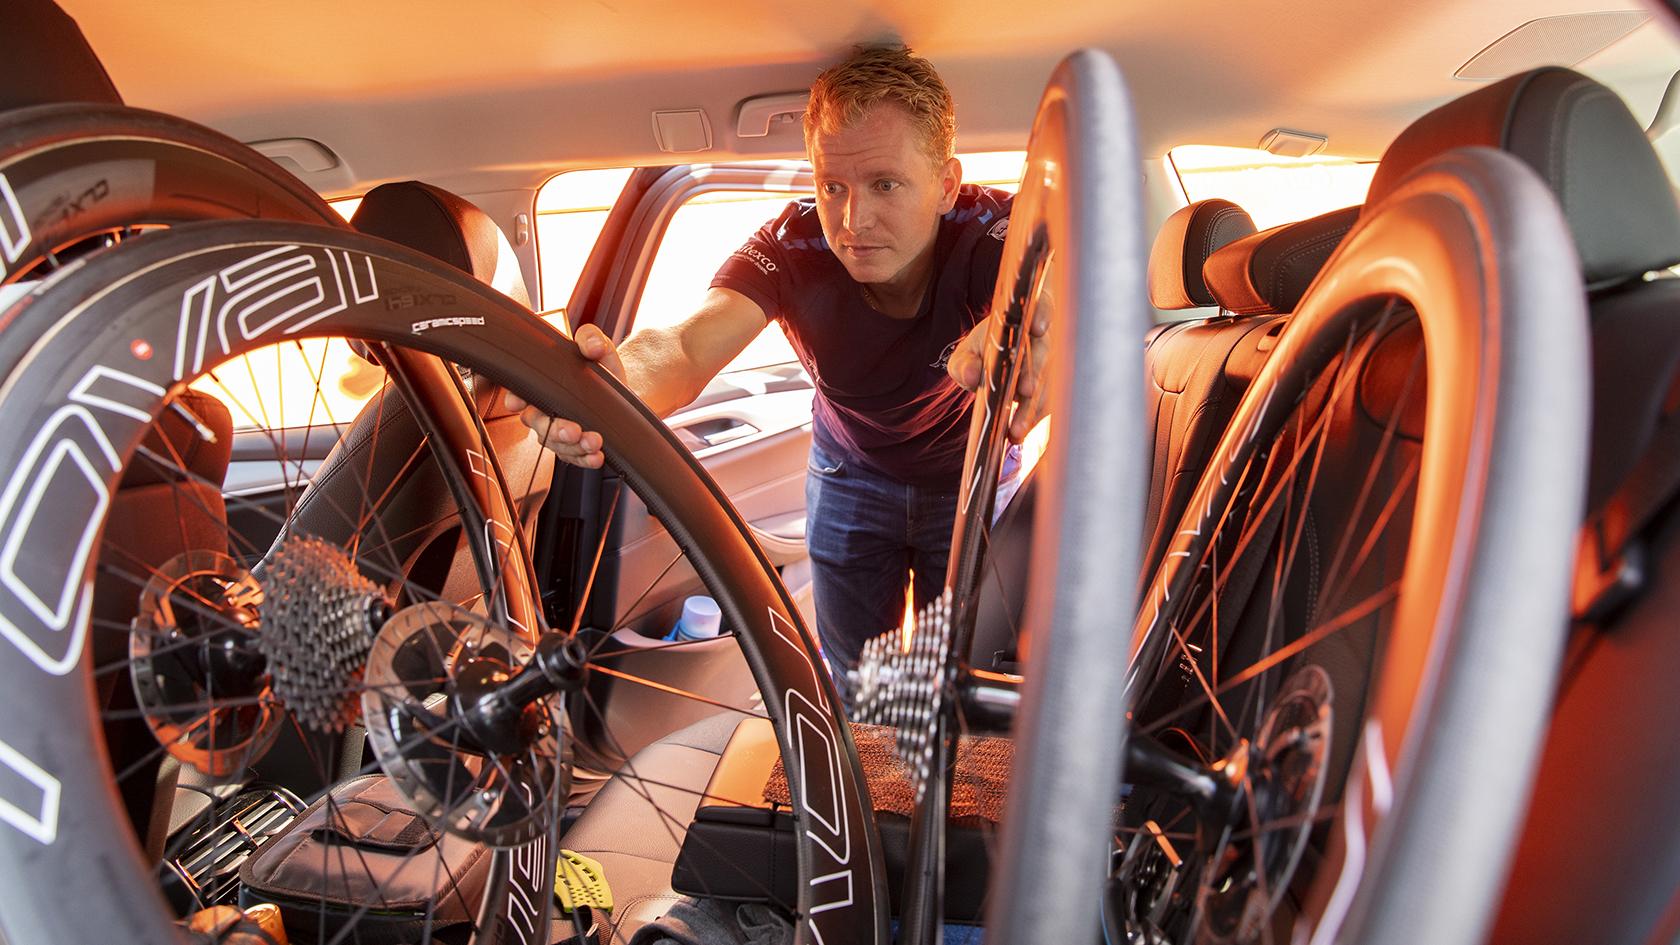 De sidste forberedelser inden første etape. Rune fylder bagsædet op med reservehjul og værktøj.